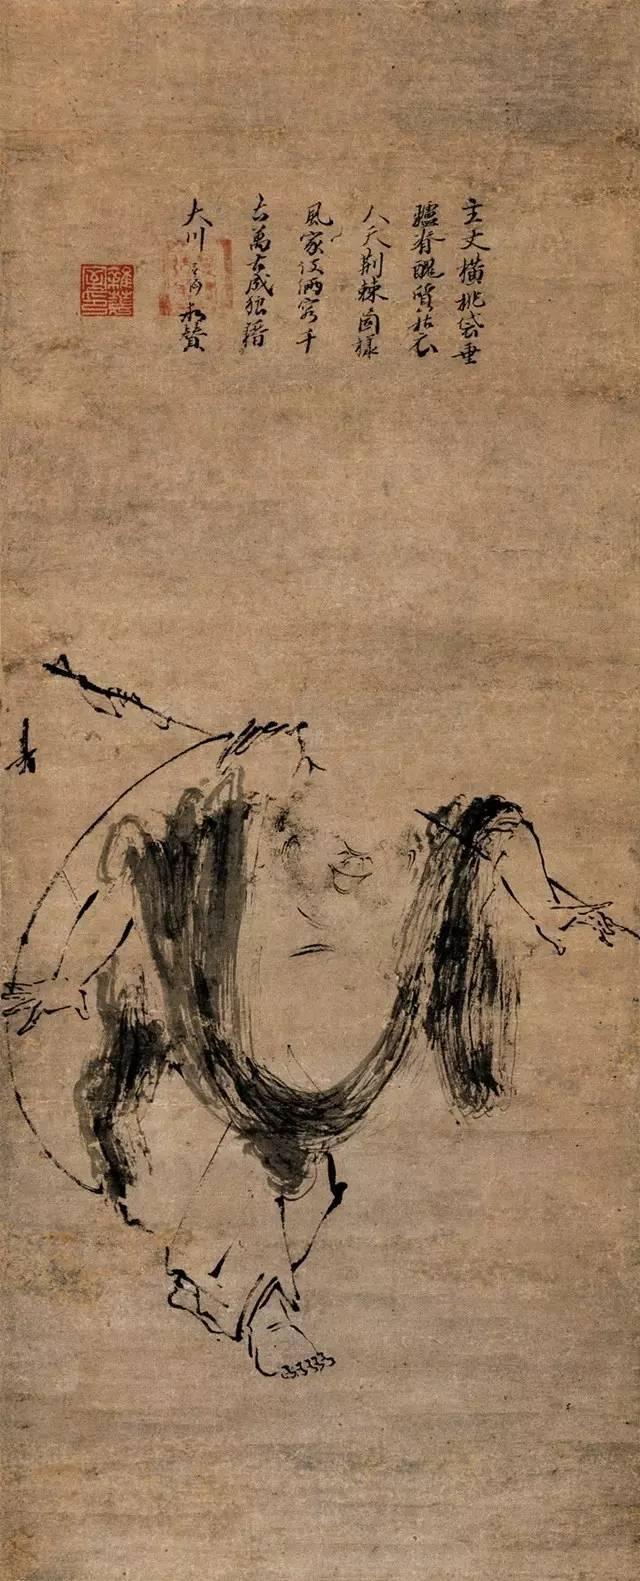 文化 正文  他的人物画很简单,很概括,也很生动.